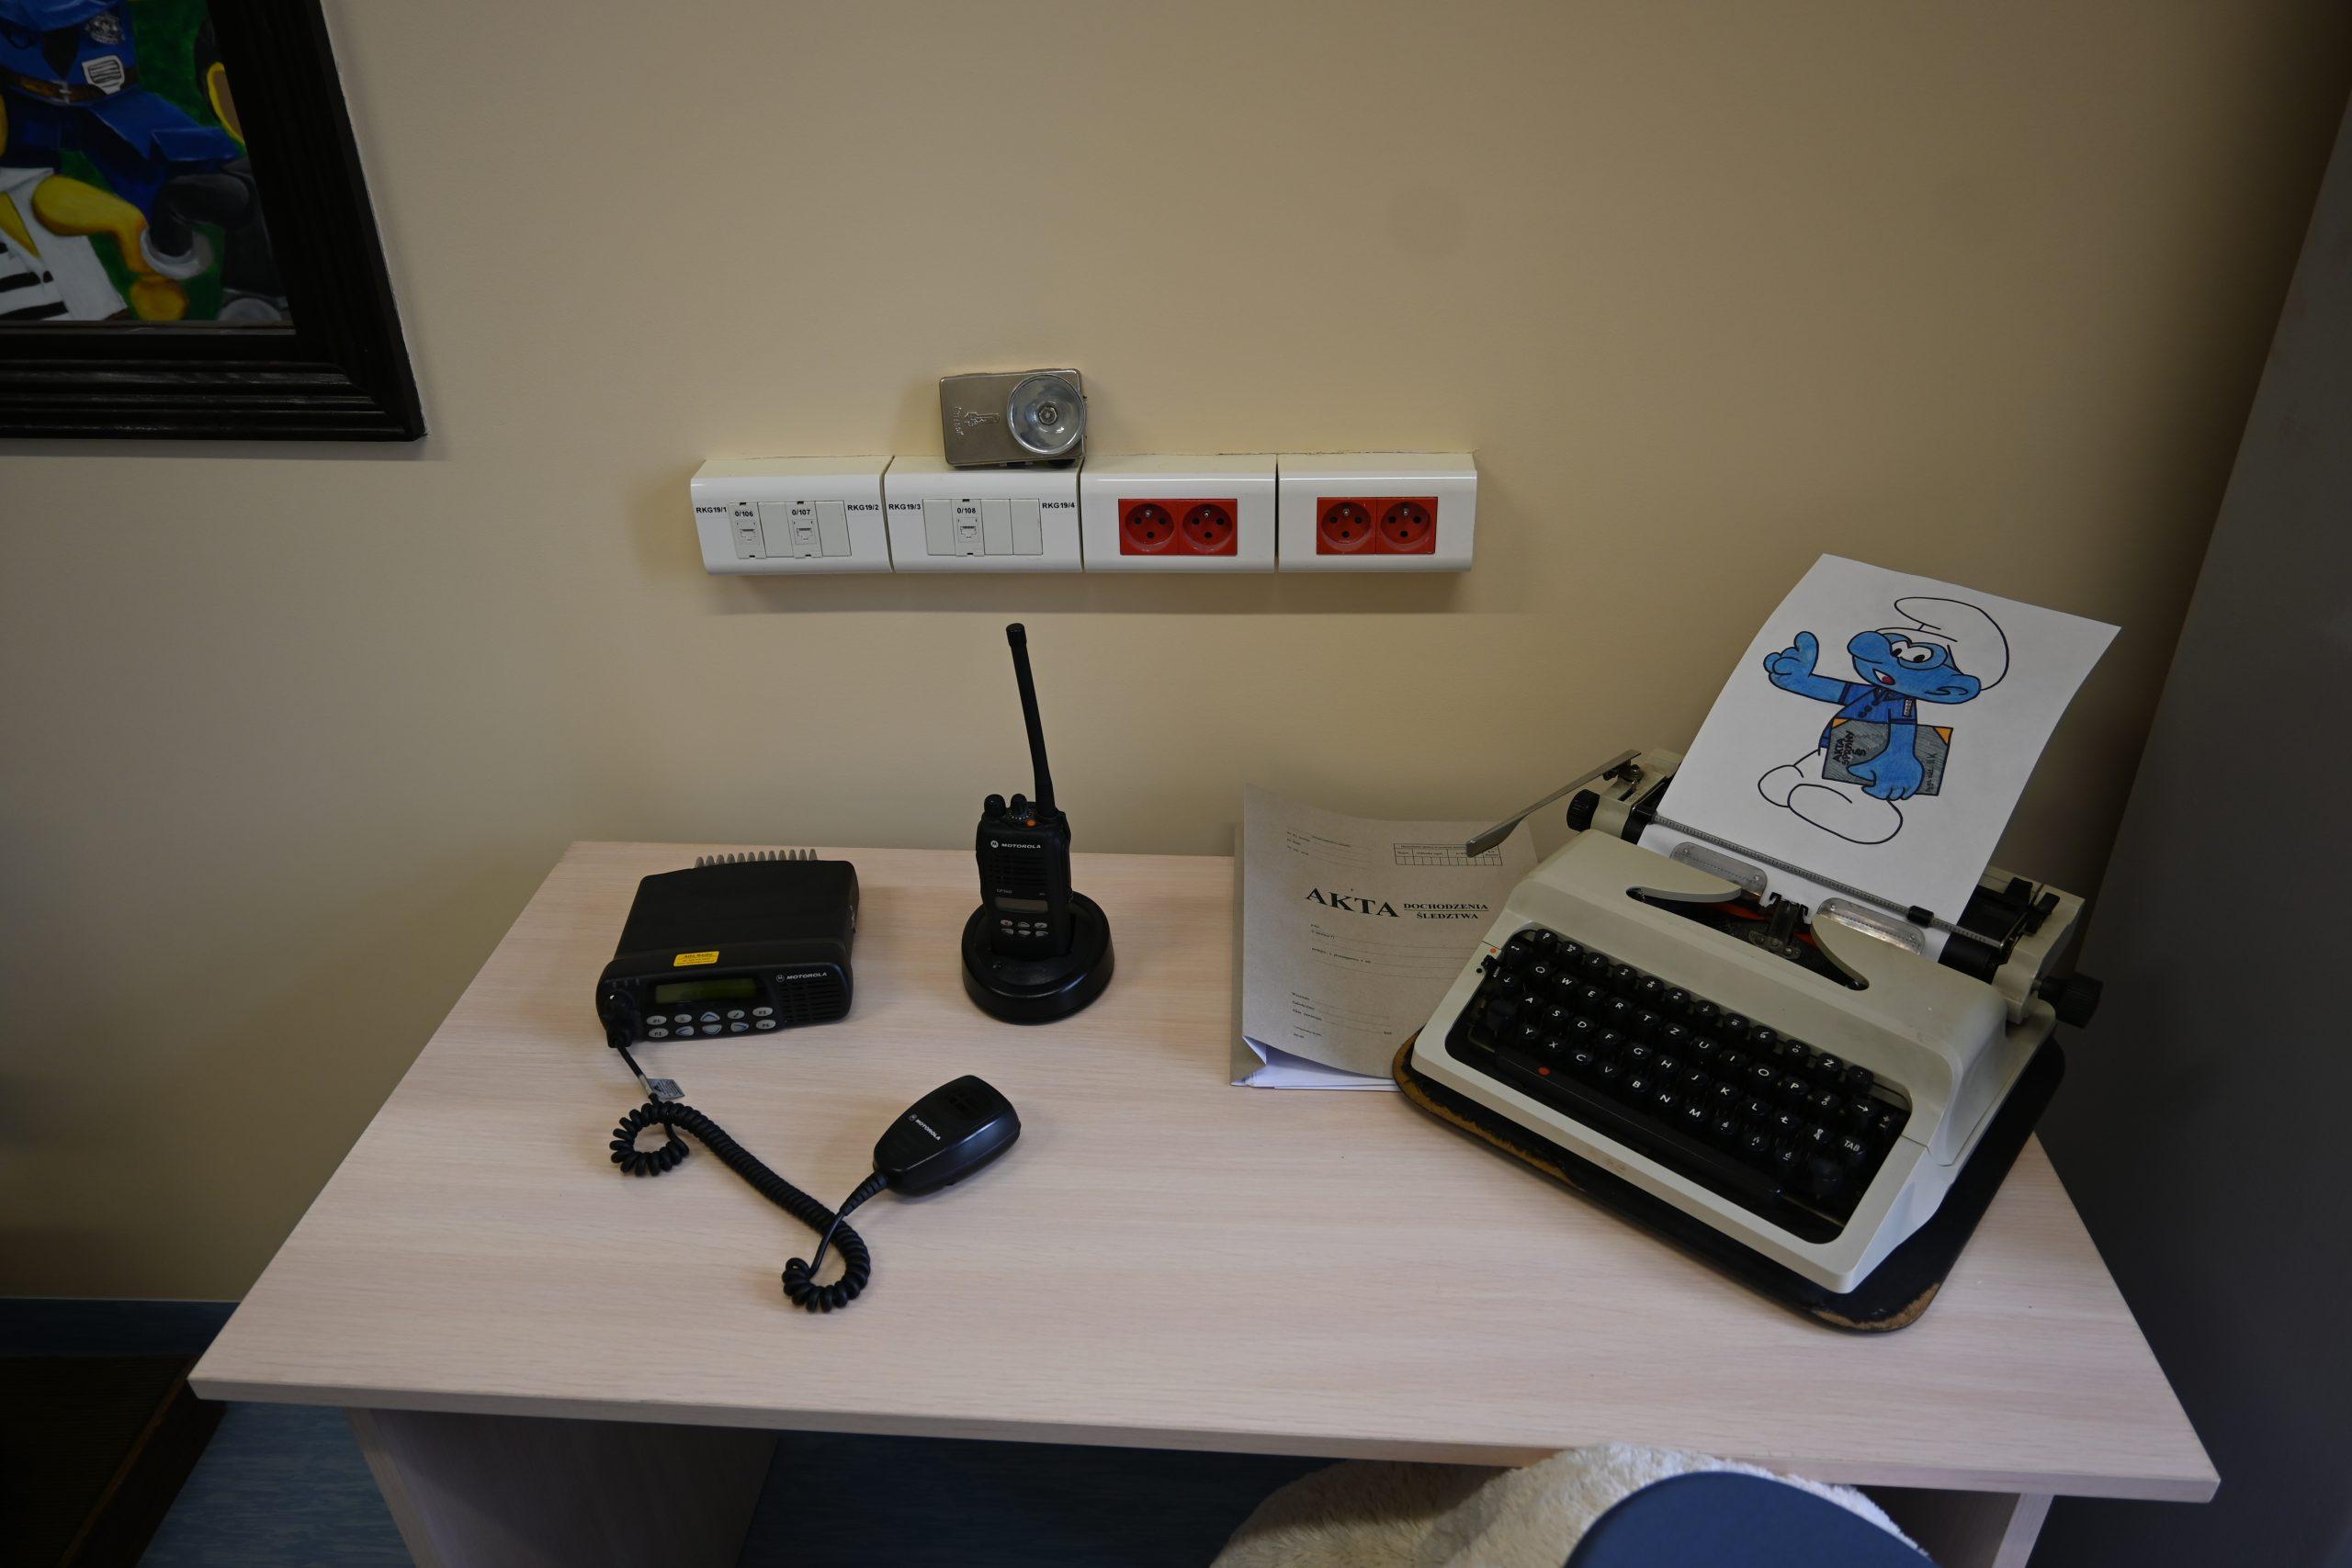 radiostacja i maszyna do pisania